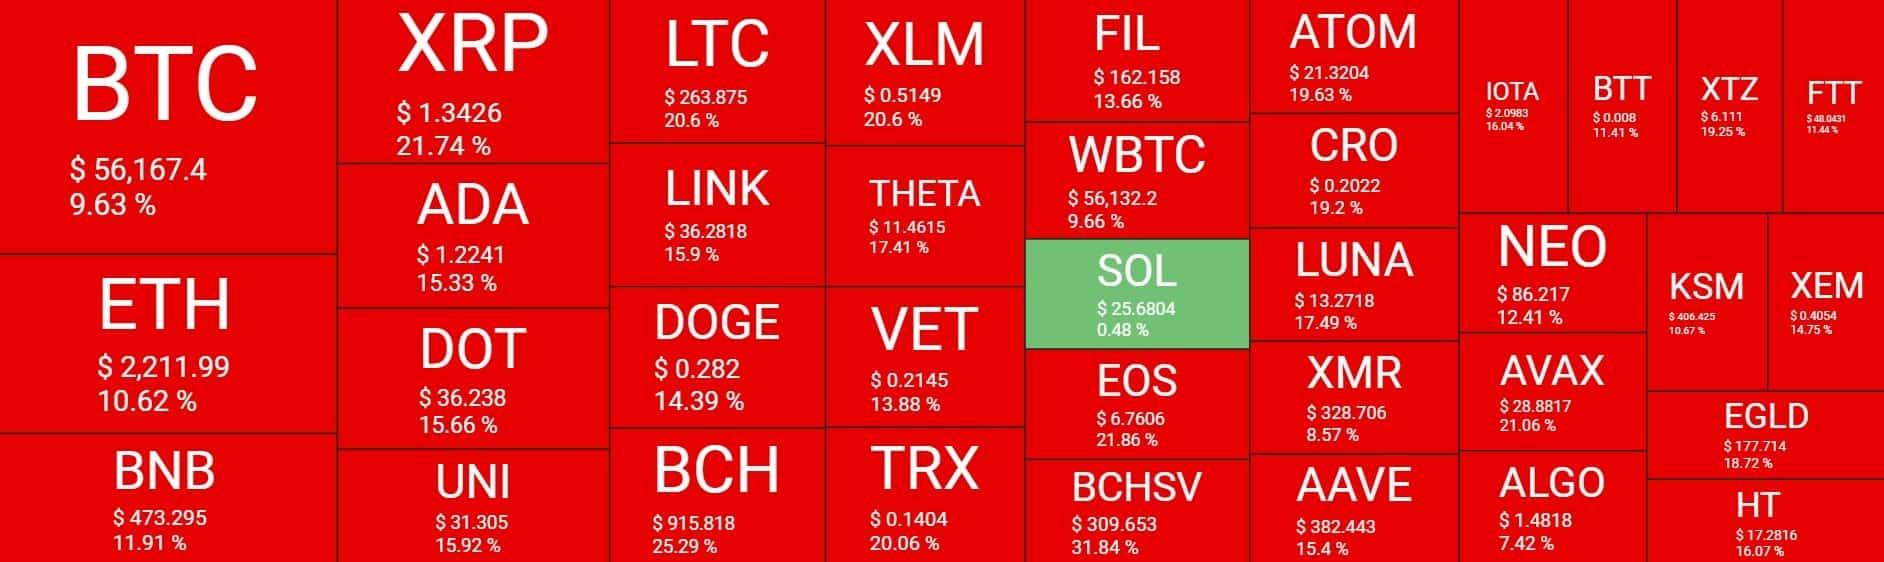 Обзор рынка криптовалют.  Источник: Quantify Crypto